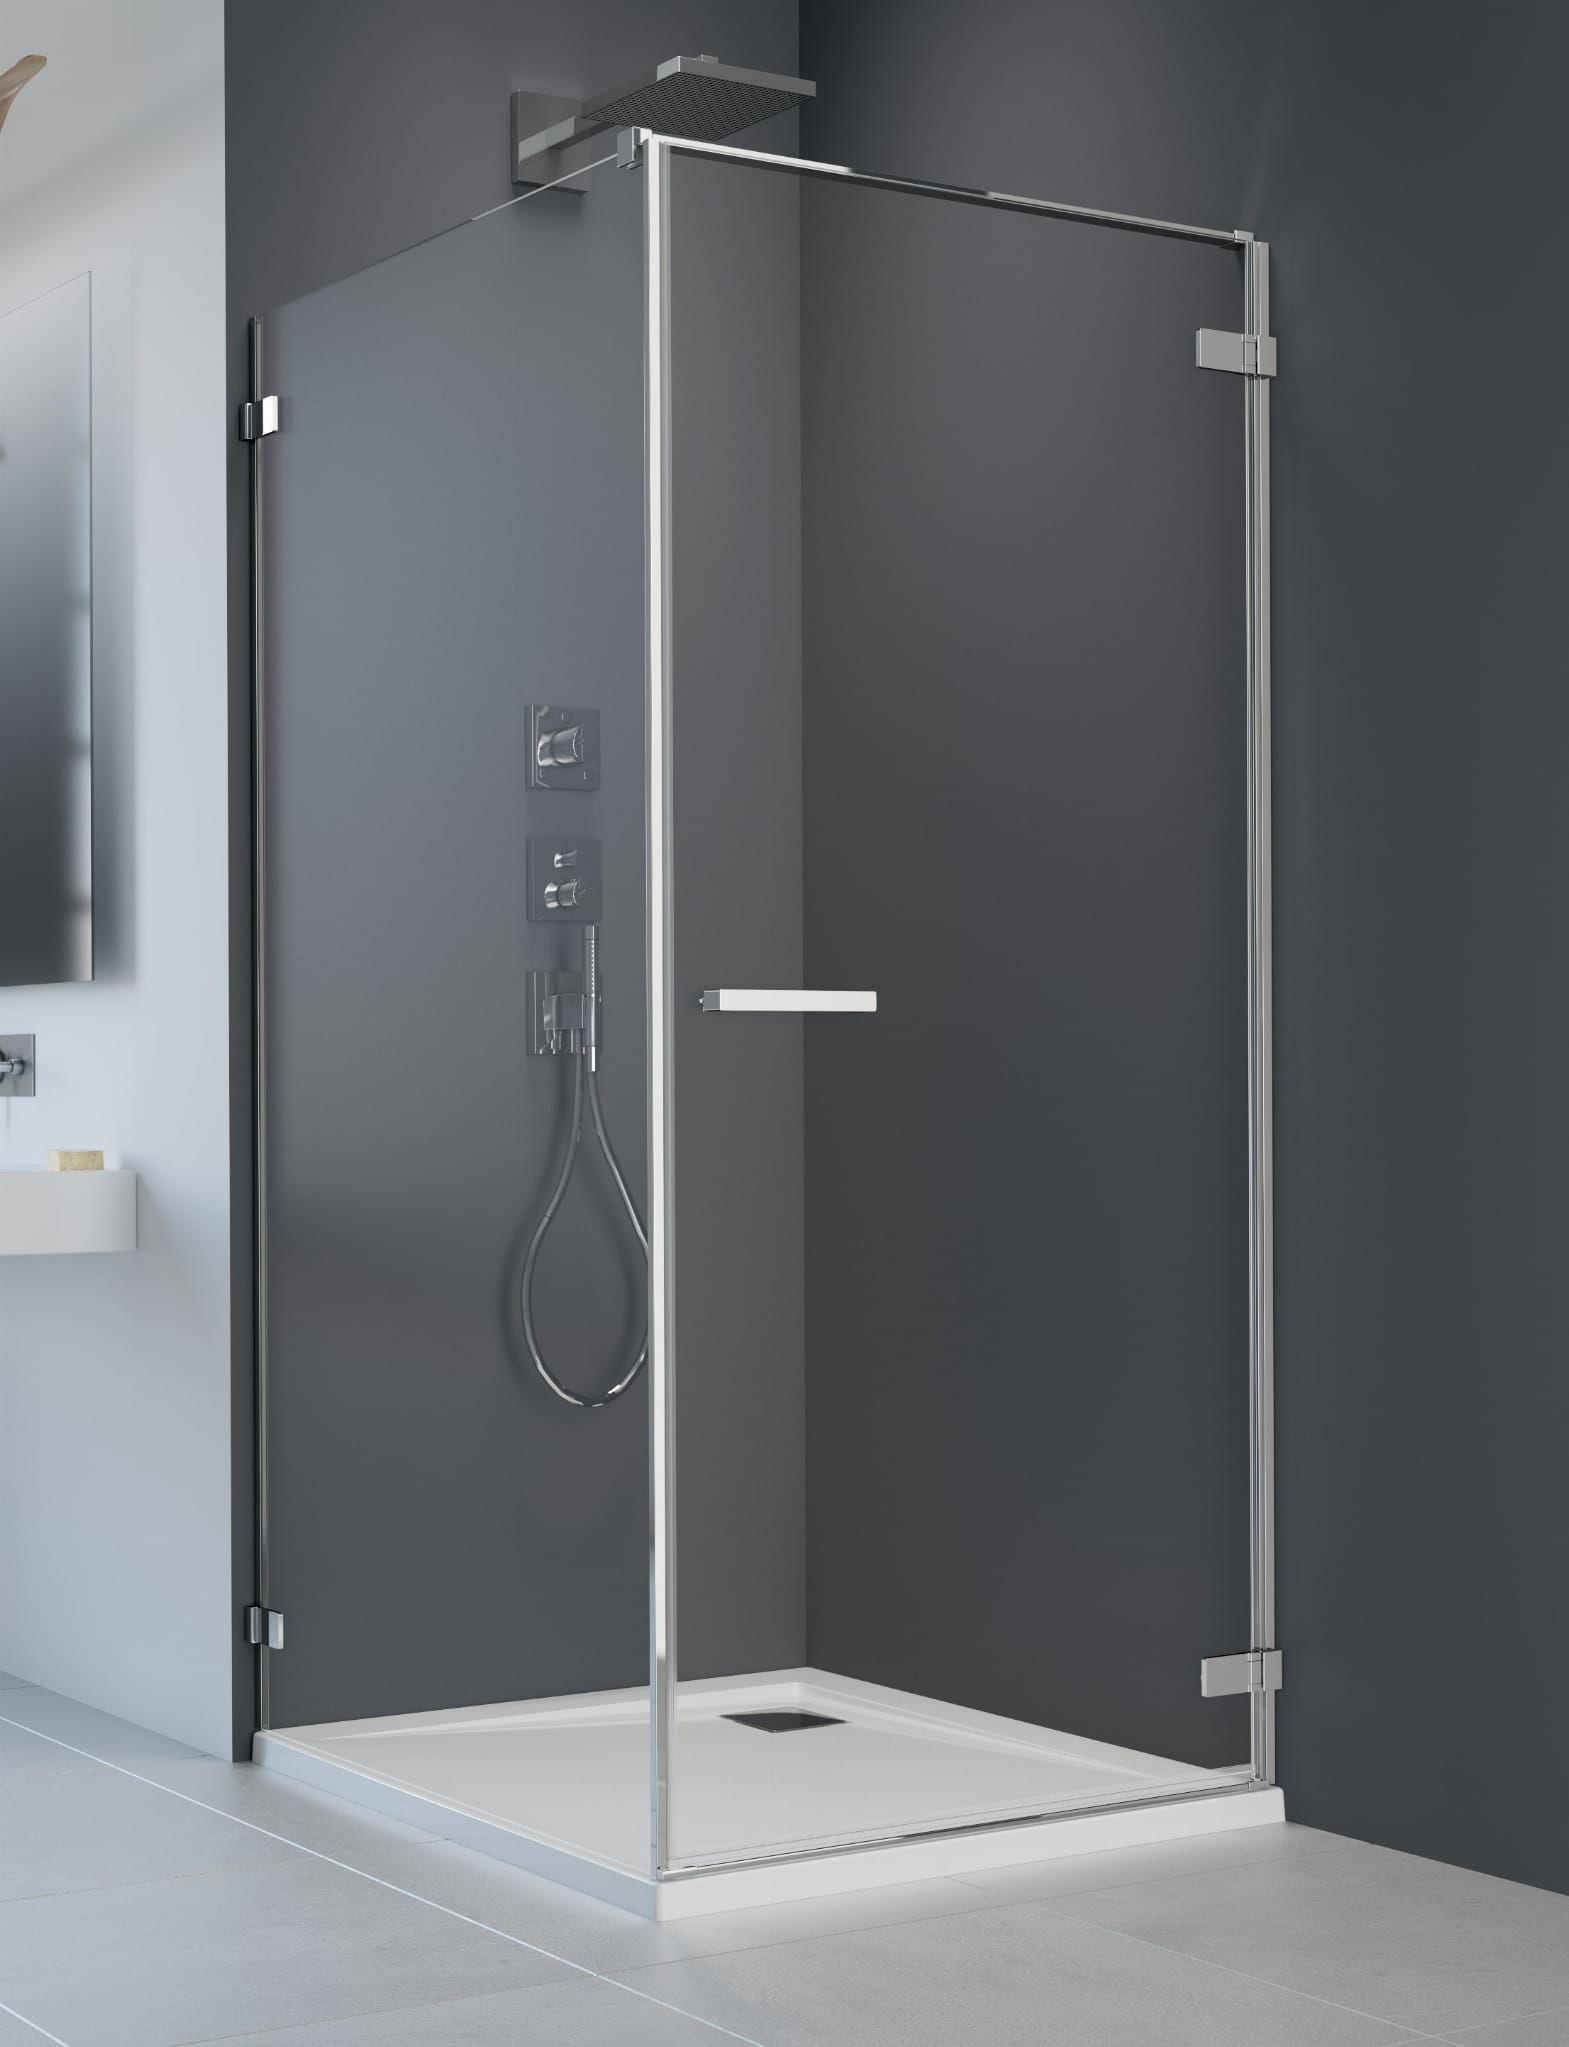 Kabina Radaway Arta KDJ I drzwi prawe 90 cm x ścianka 75, szkło przejrzyste wys. 200 cm, 386082-03-01R/386018-03-01